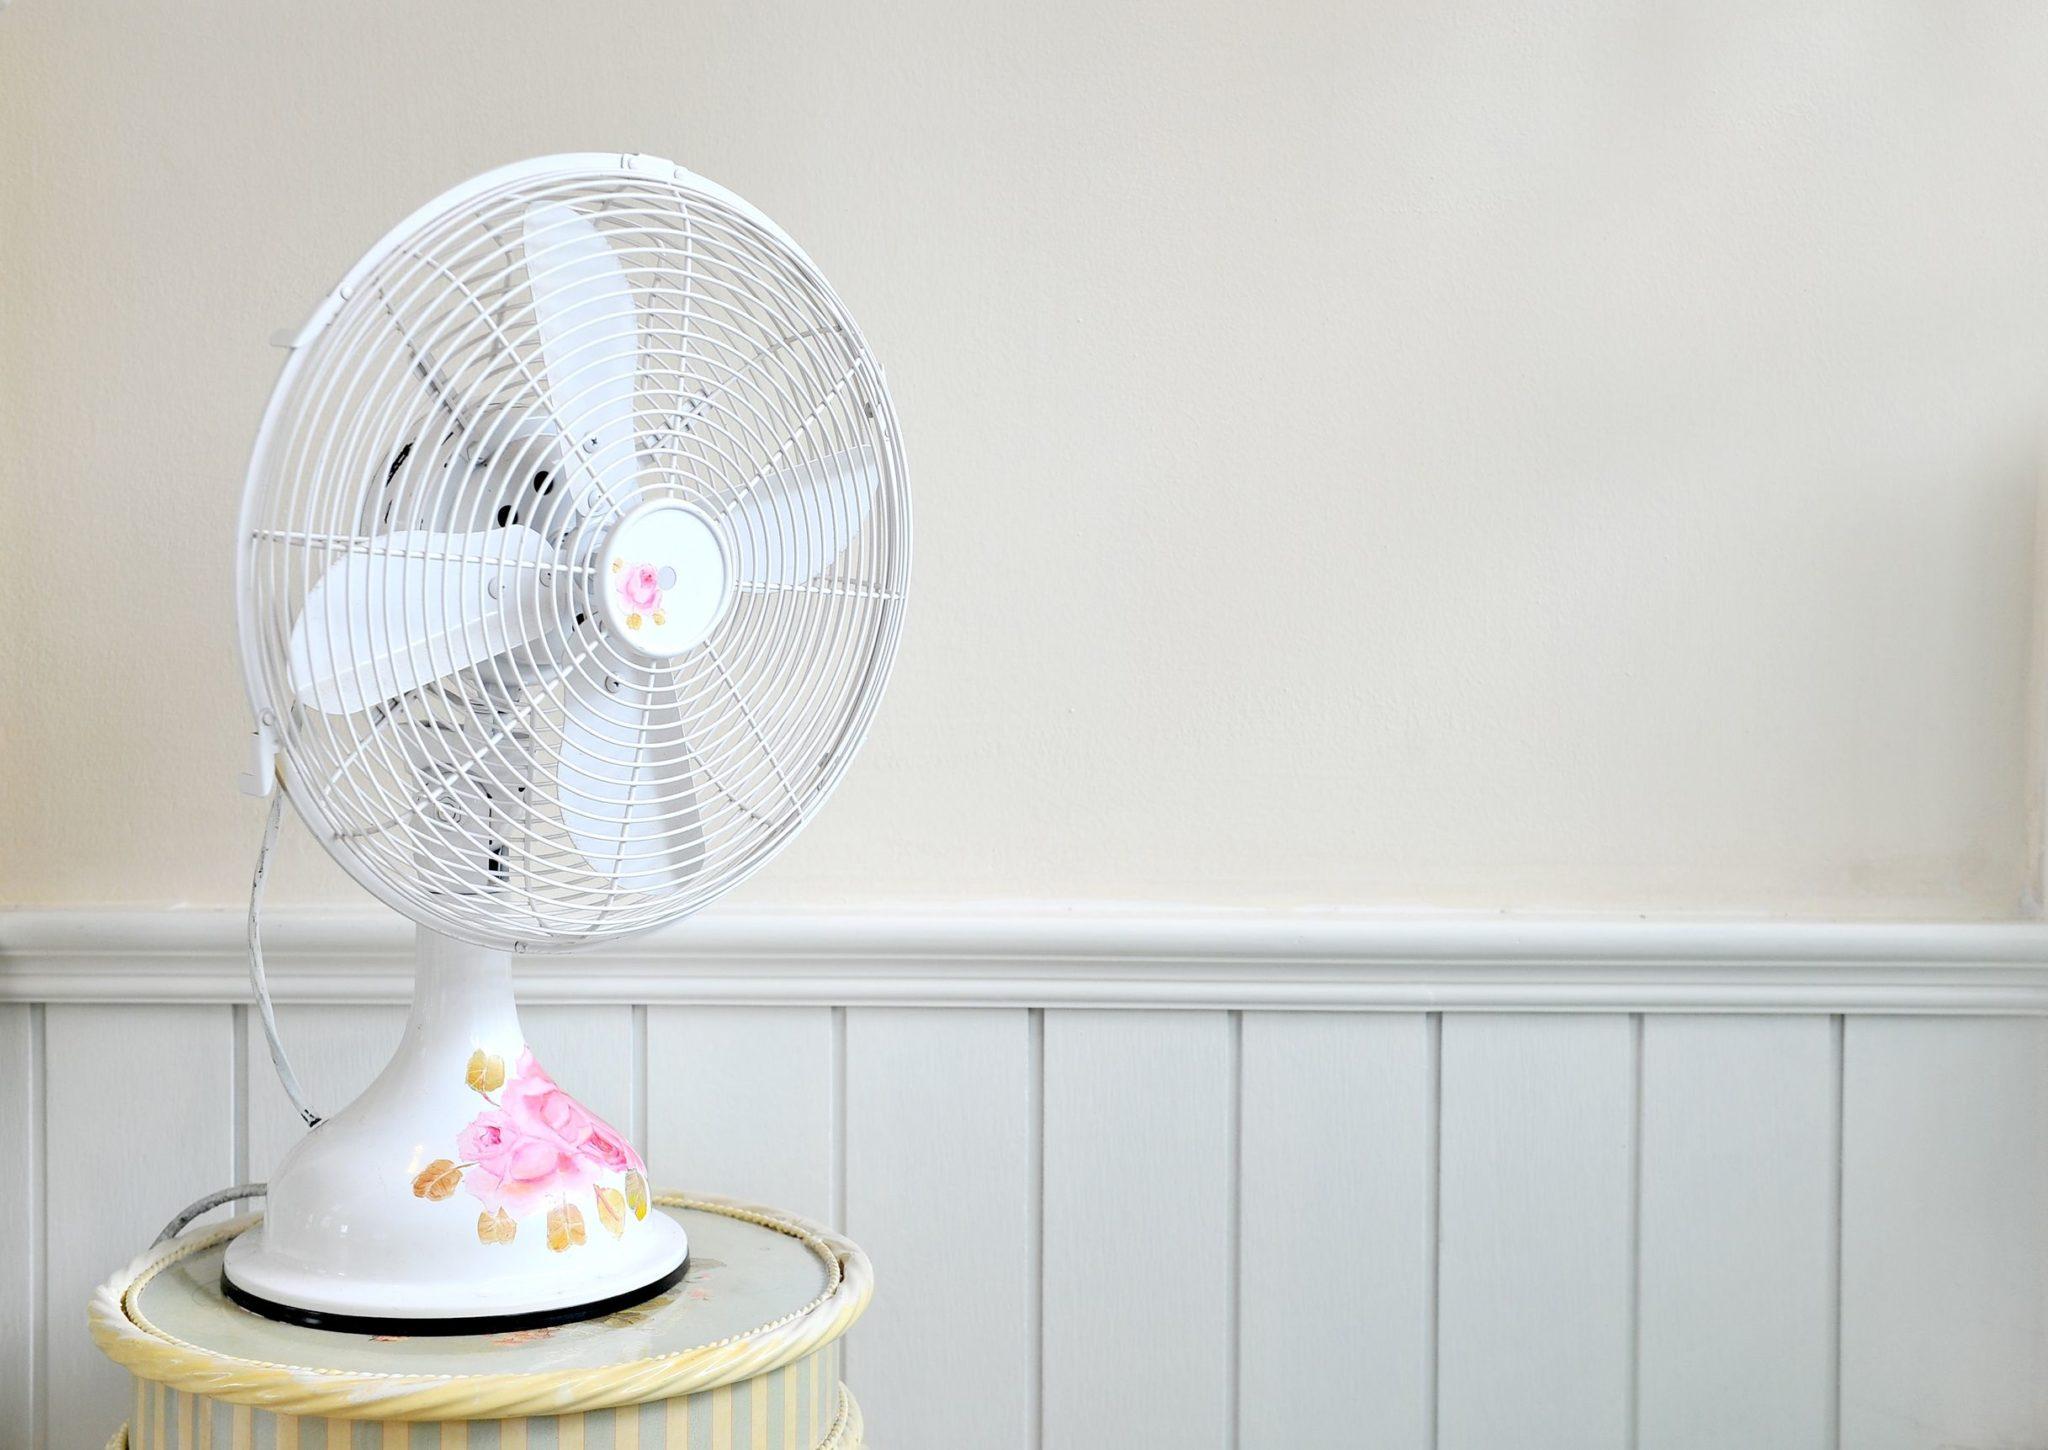 Le ventilateur ne produit pas de l'air frais